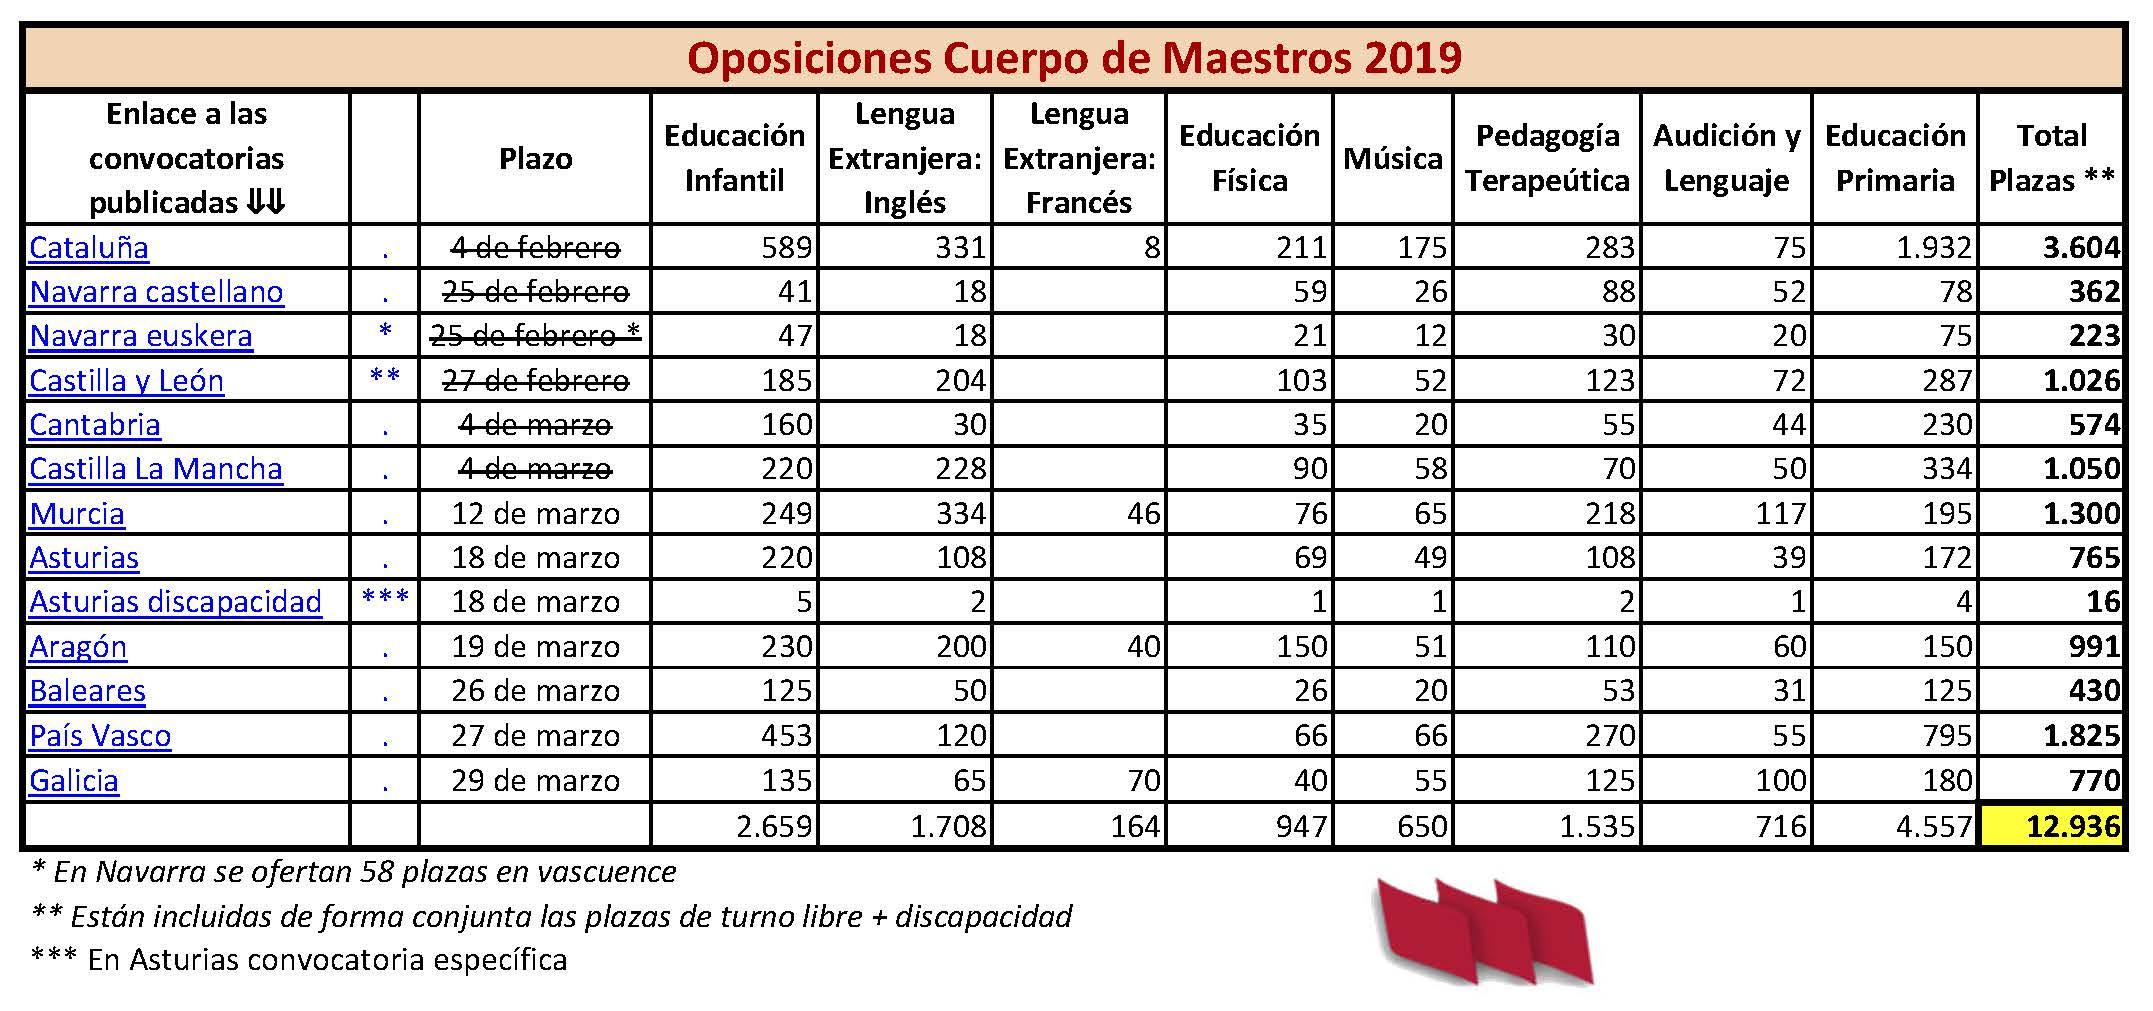 Oposiciones-Maestros-2019